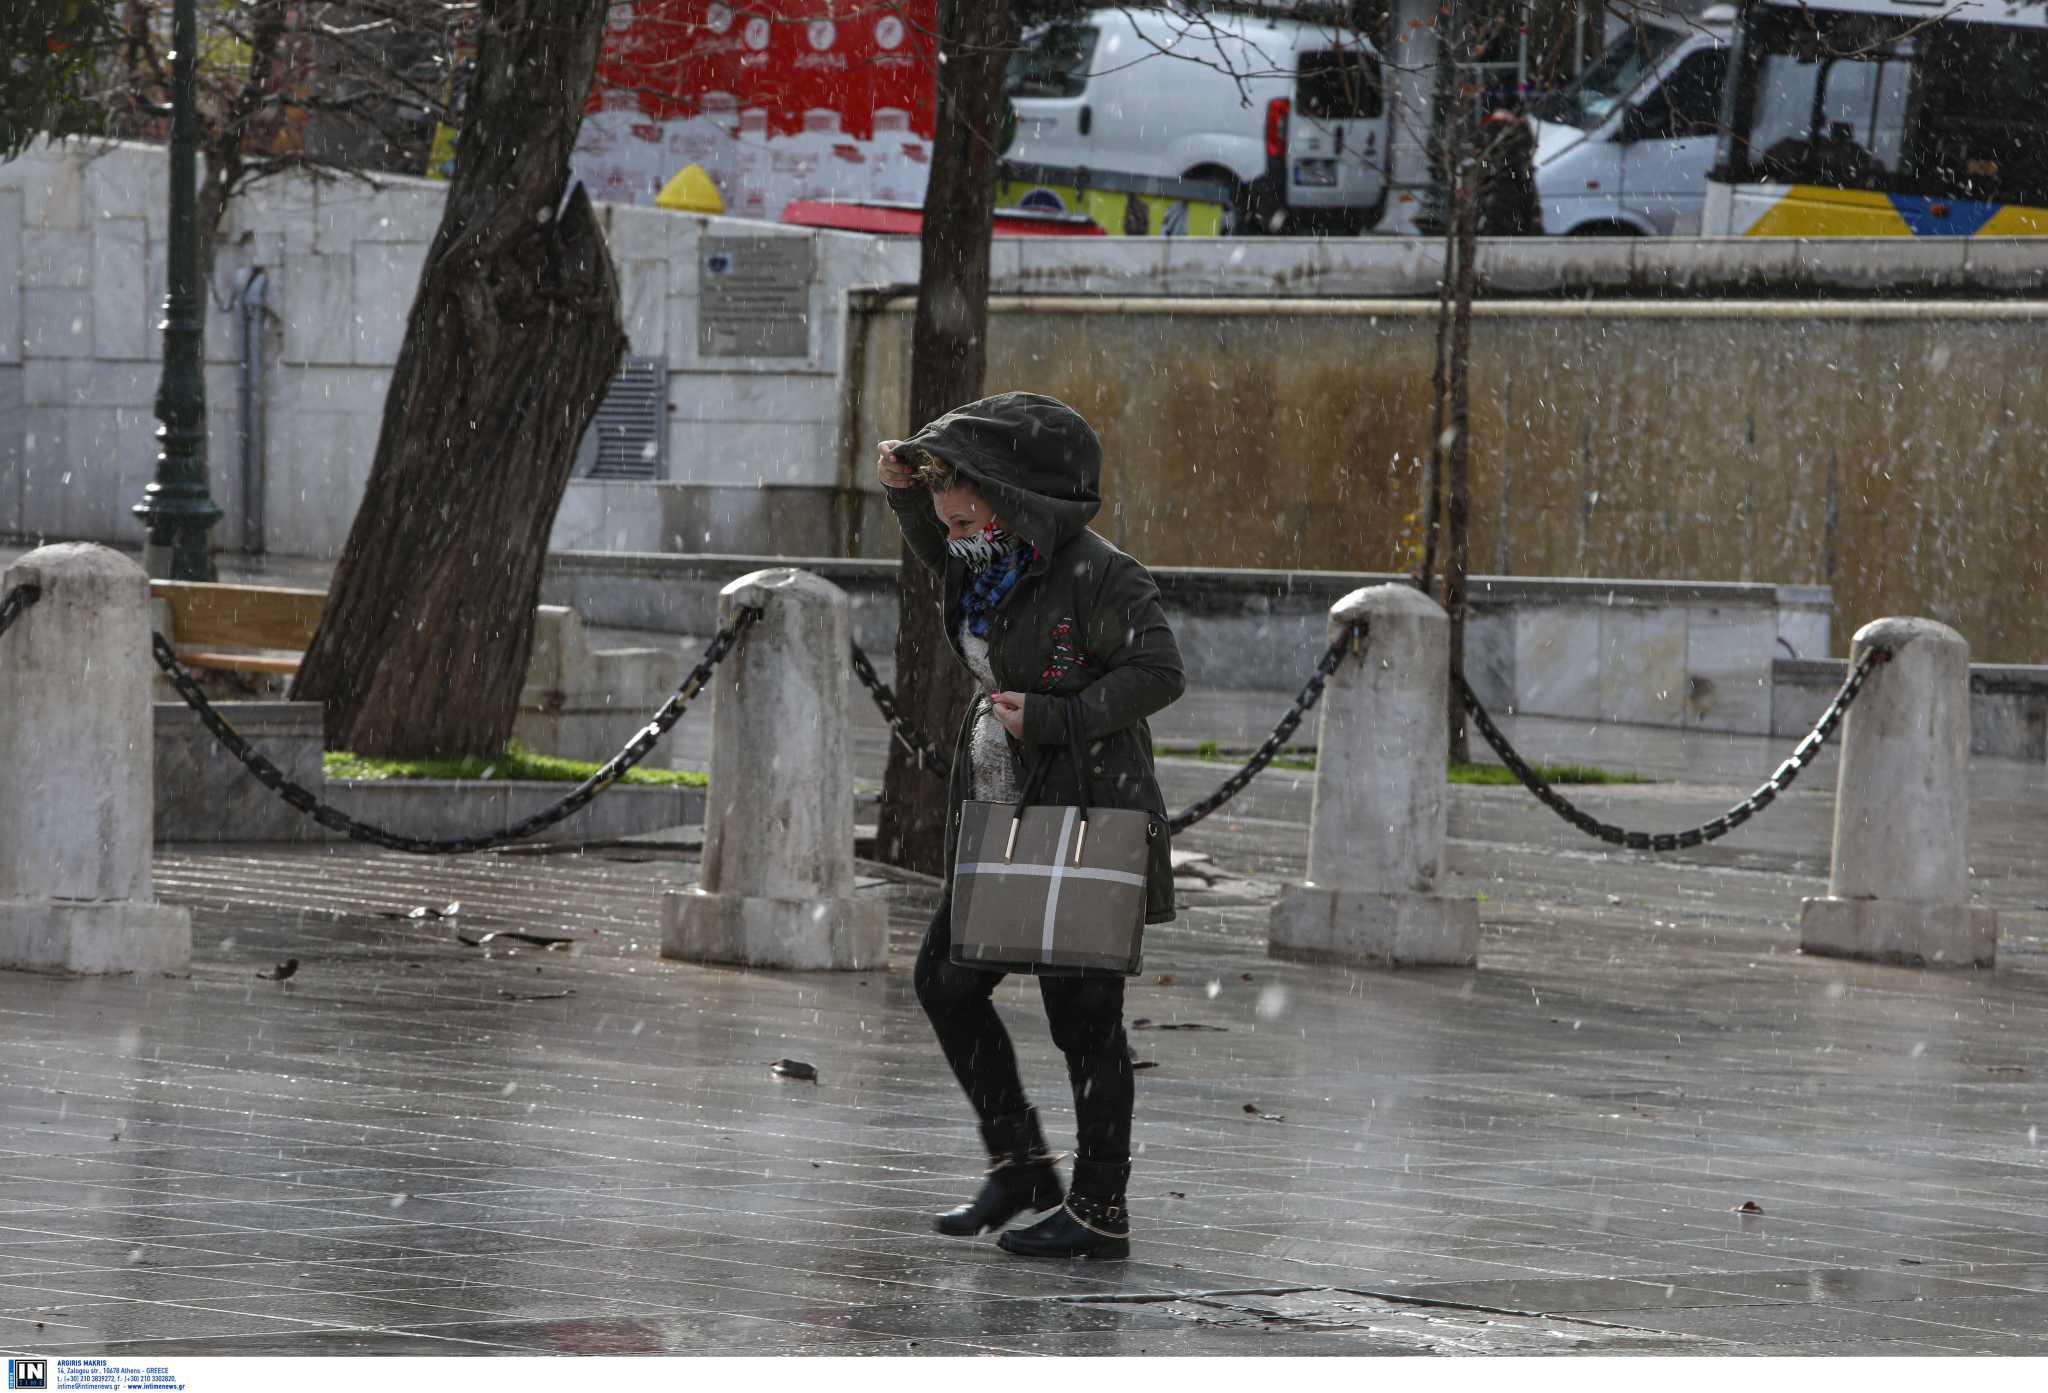 Καιρός 25ης Μαρτίου: Κρύο και βροχή στο μεγαλύτερο μέρος της χώρας – Πού θα χιονίσει στην Αττική